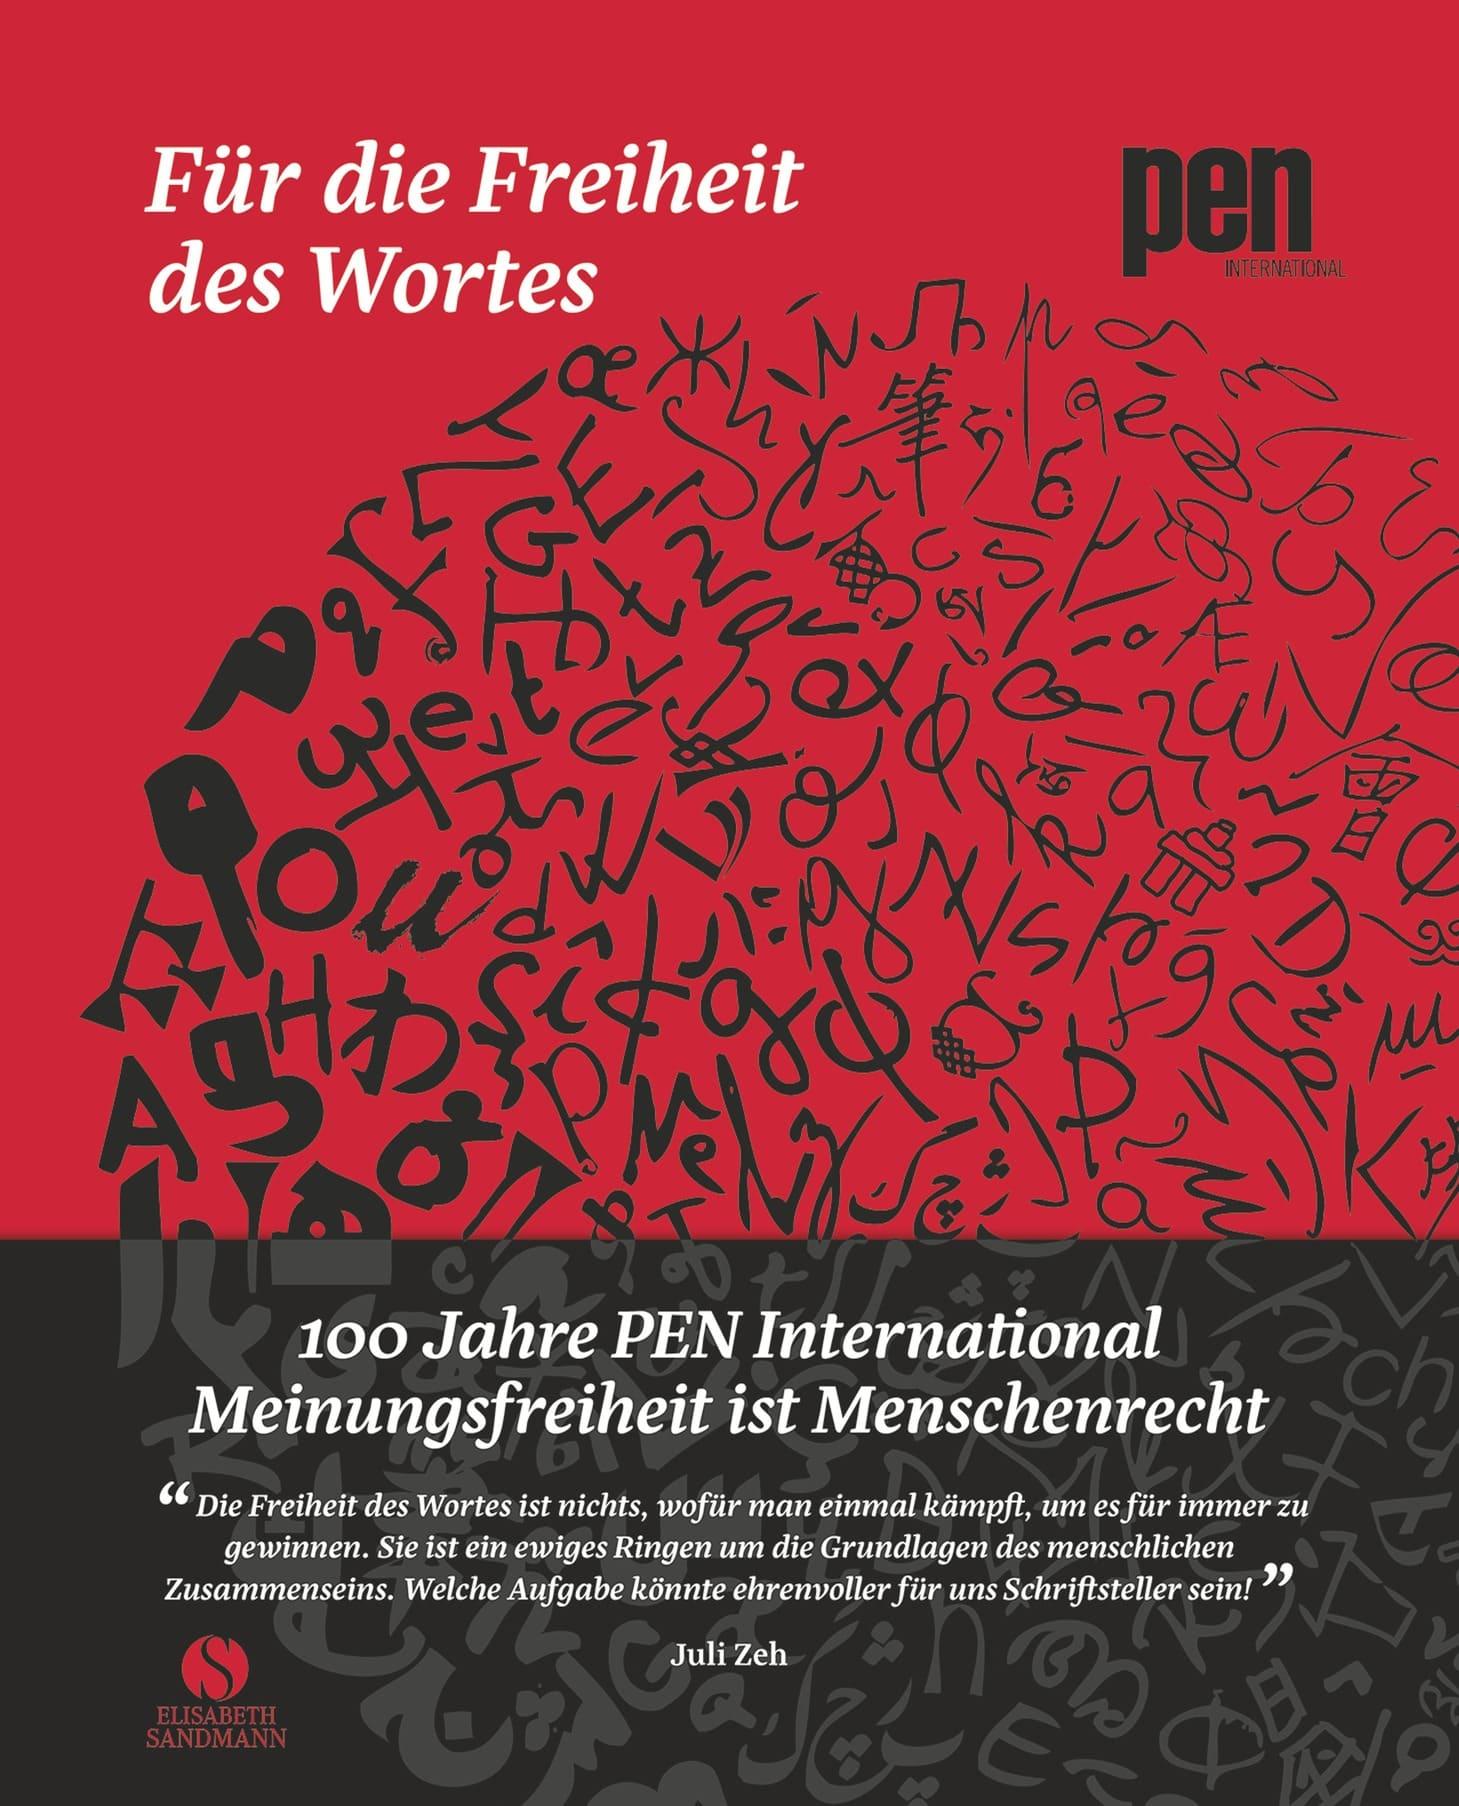 PEN - Für die Freiheit des Wortes